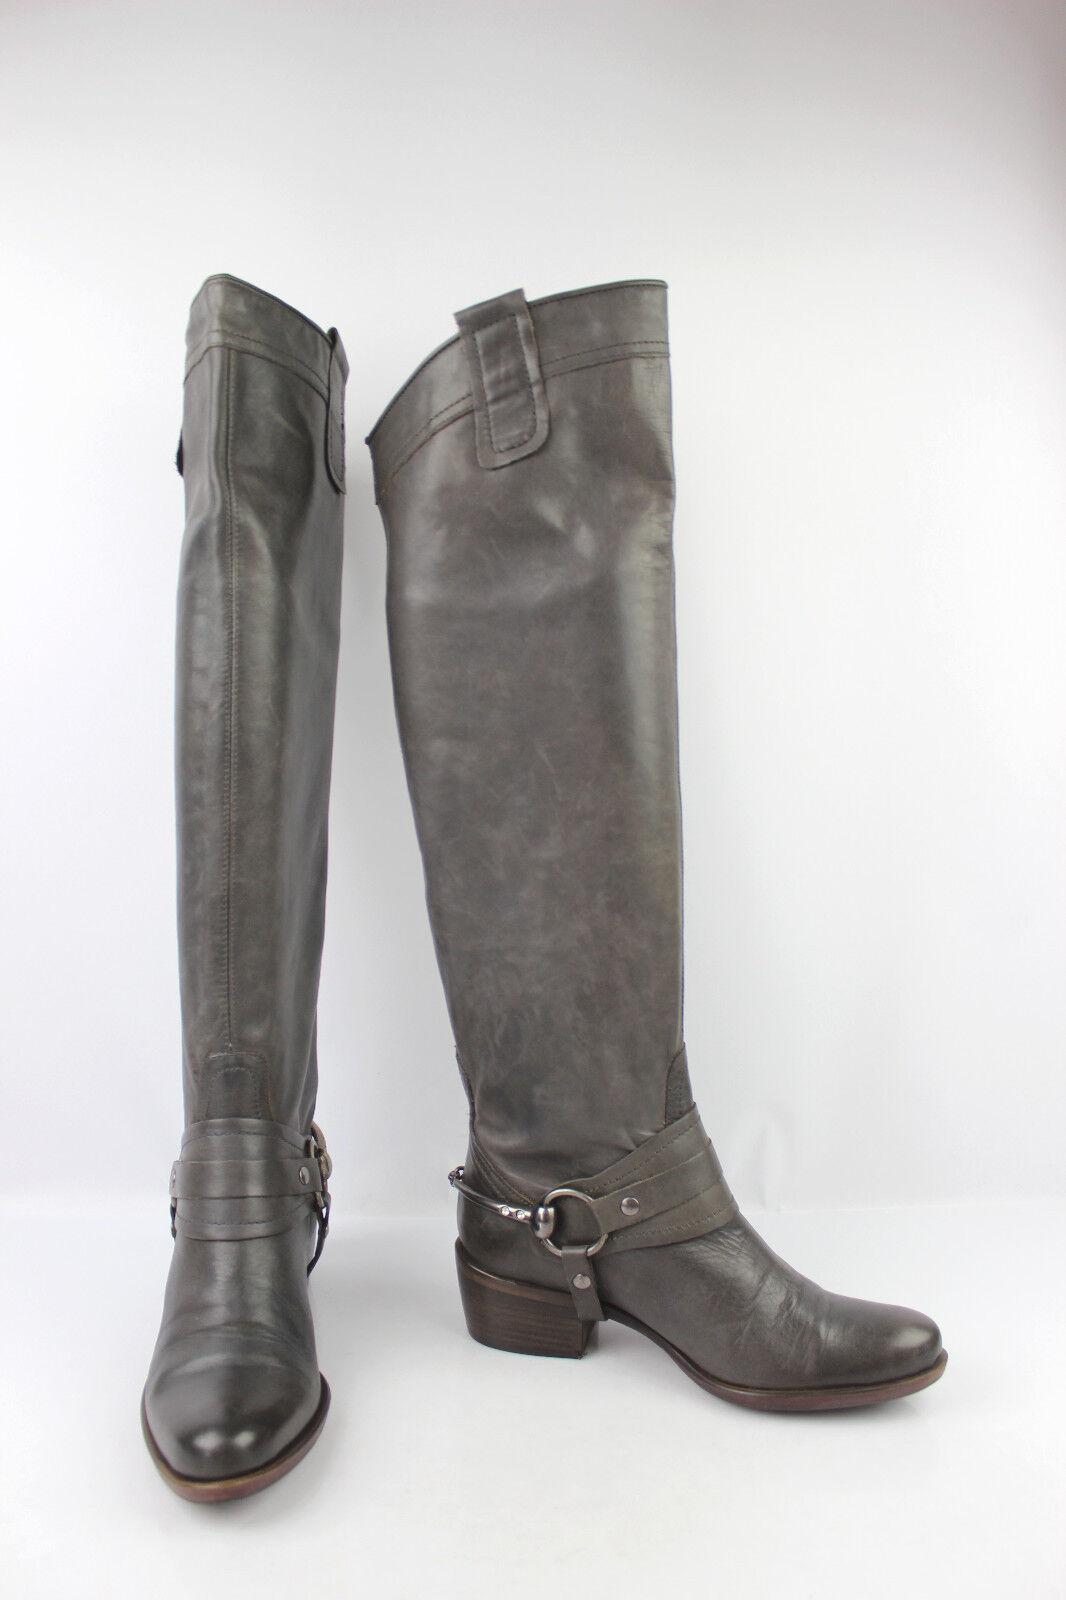 Stiefel hohe Vollleder grau t 37 sehr guter Zustand